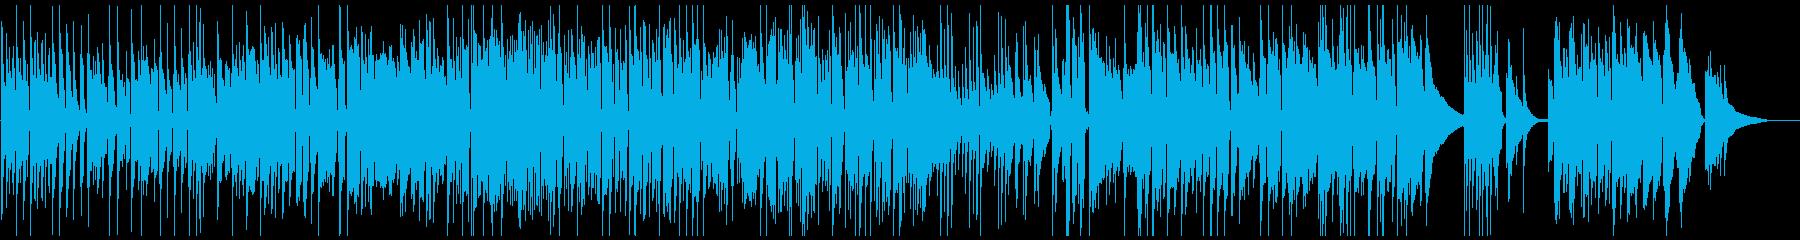 ベートーヴェンの悲愴をポップなアレンジにの再生済みの波形